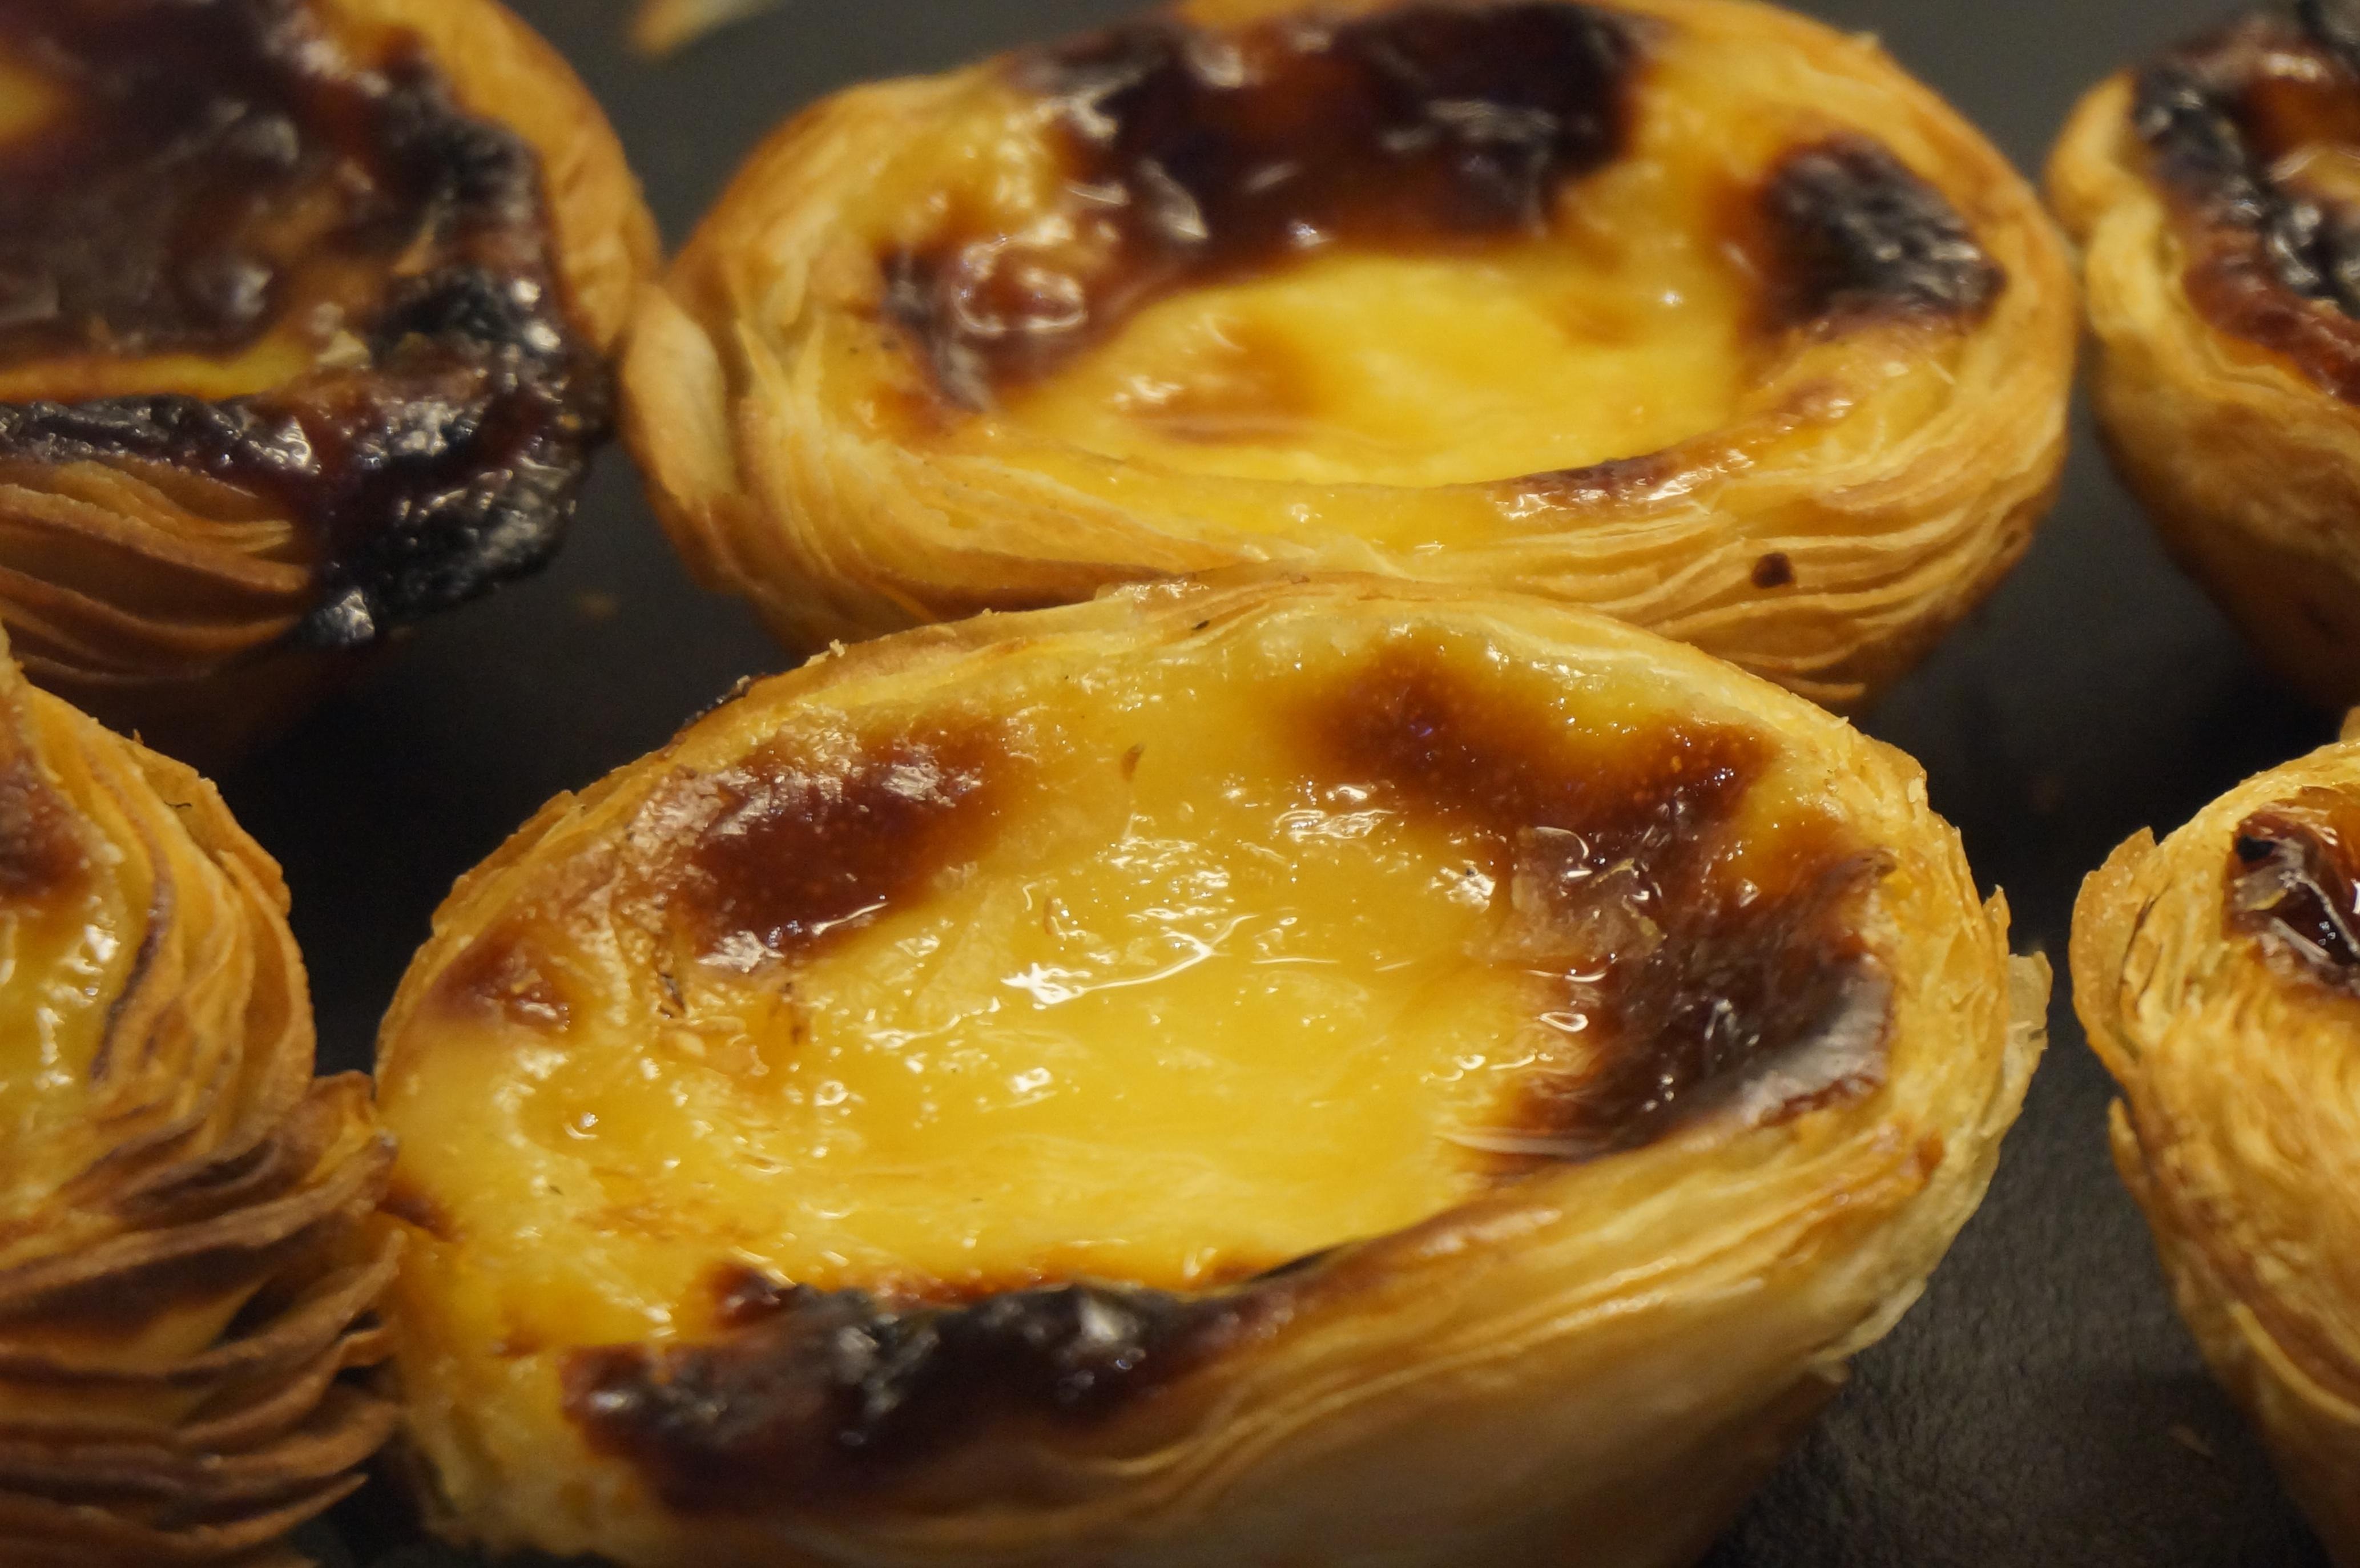 Au Portugal, Starbucks vend des pasteis de nata, le gâteau traditionnel du pays.